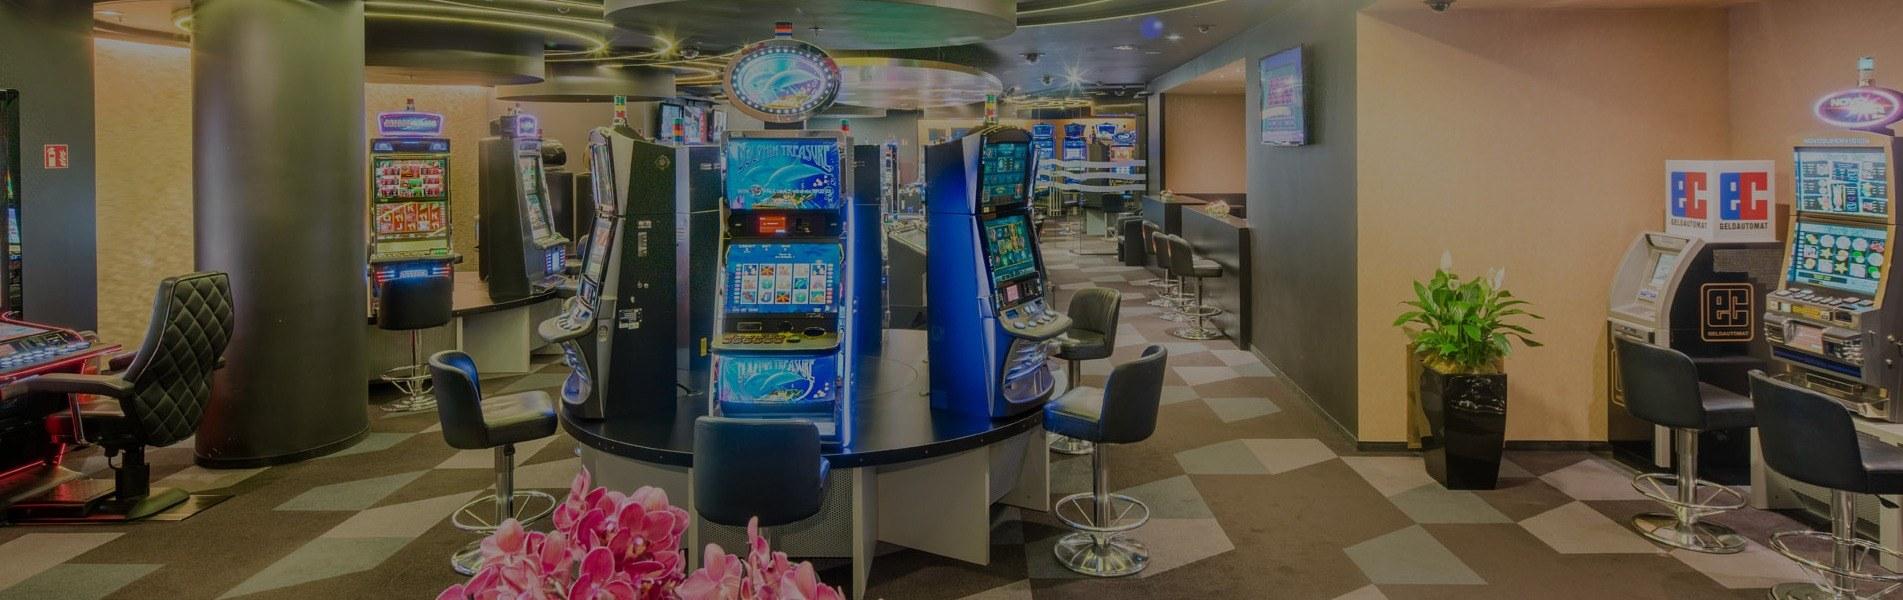 Casino Spielbank Mundsburg 2